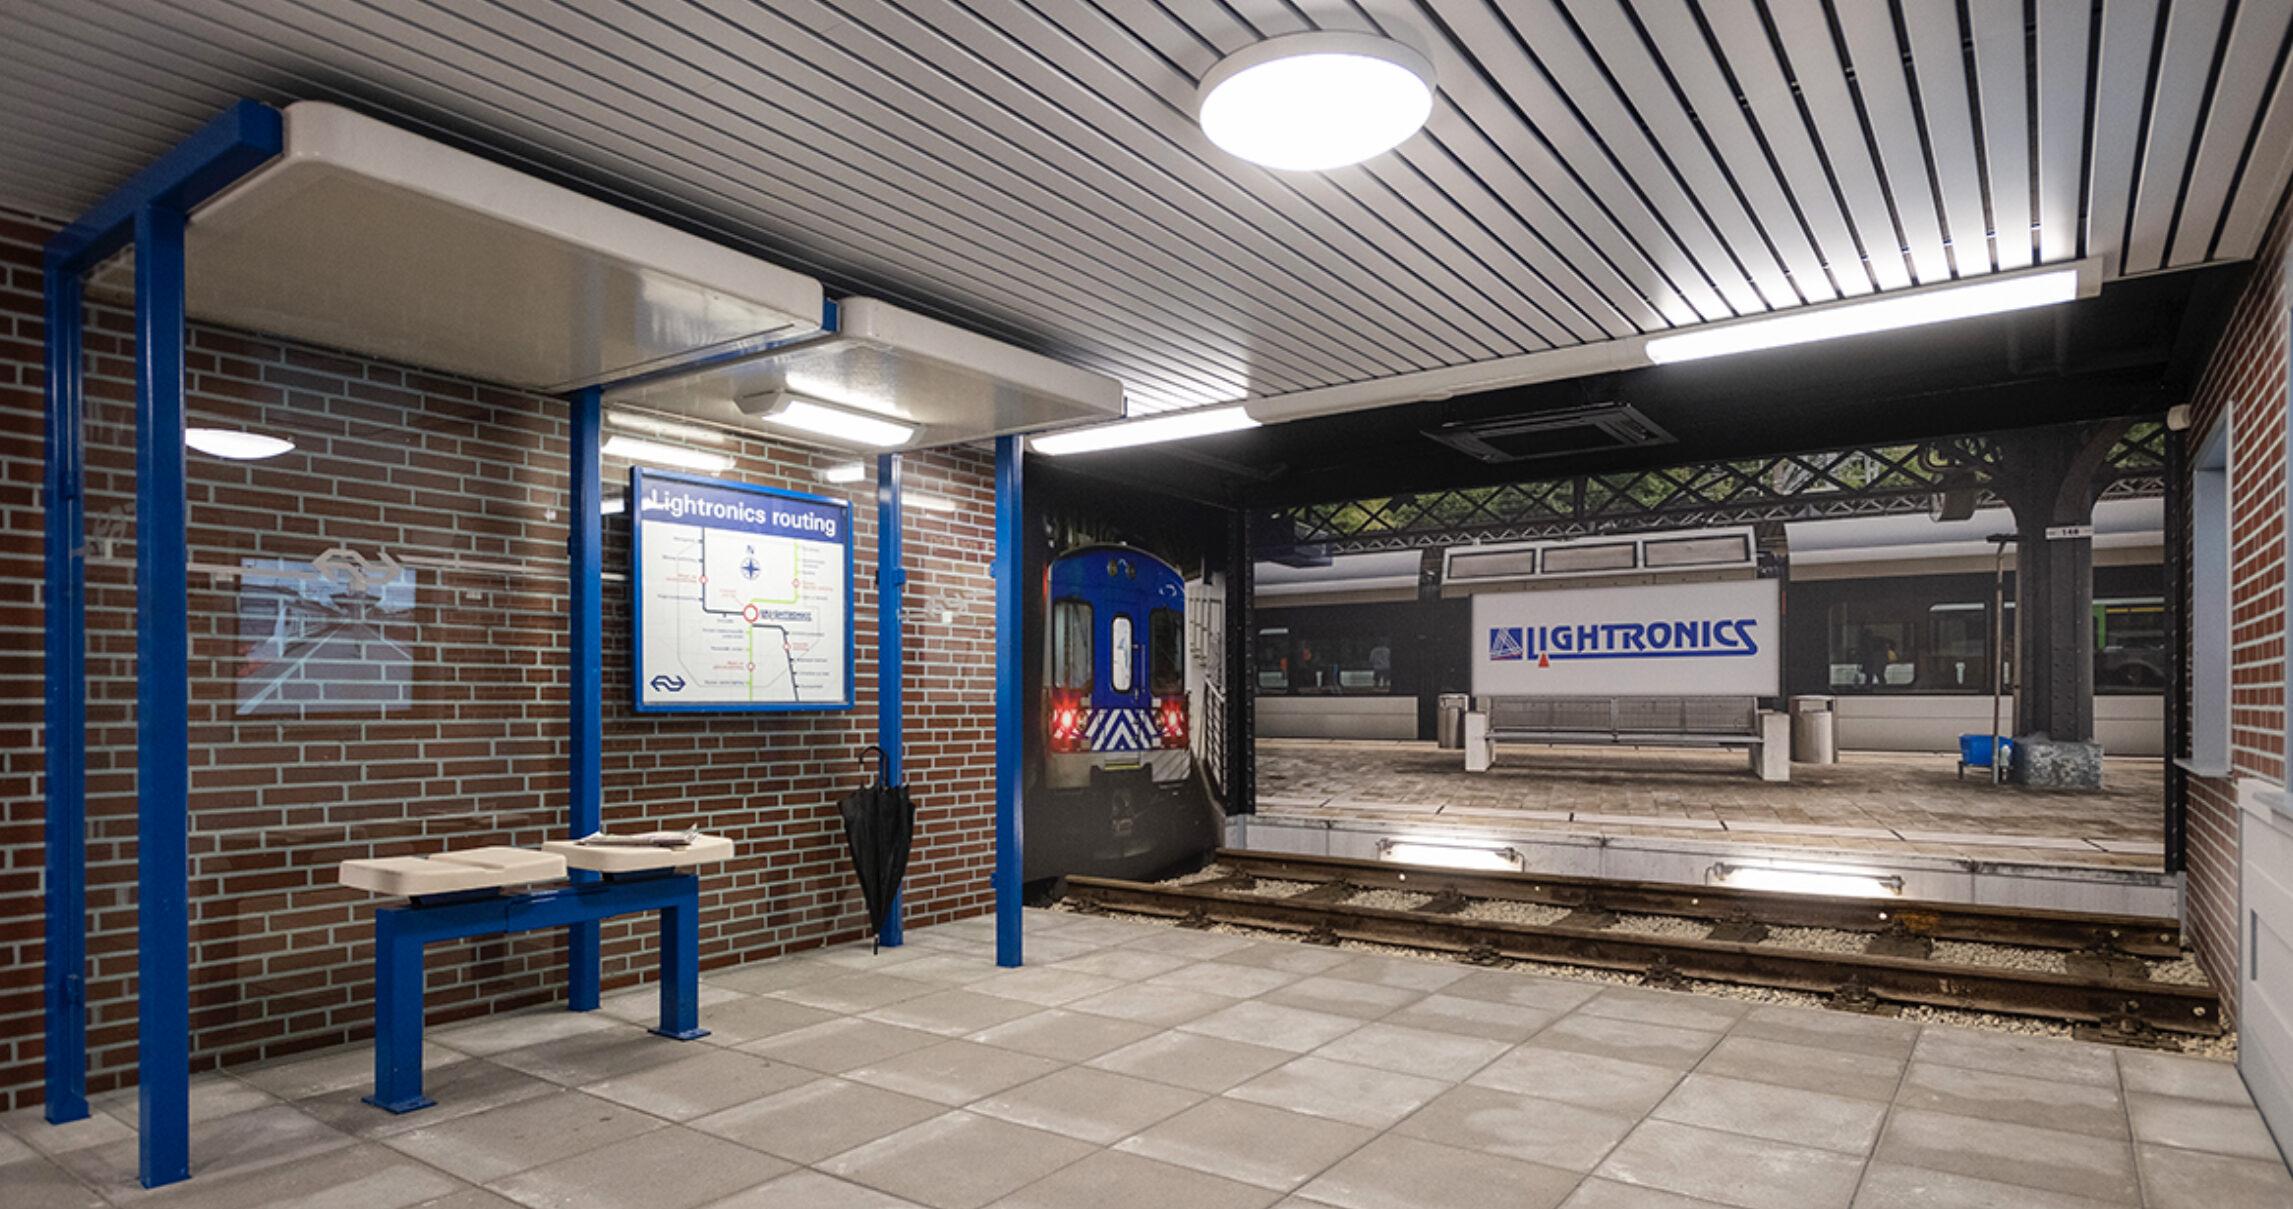 lightronics experience center sign+ awards 2020 MetroXL